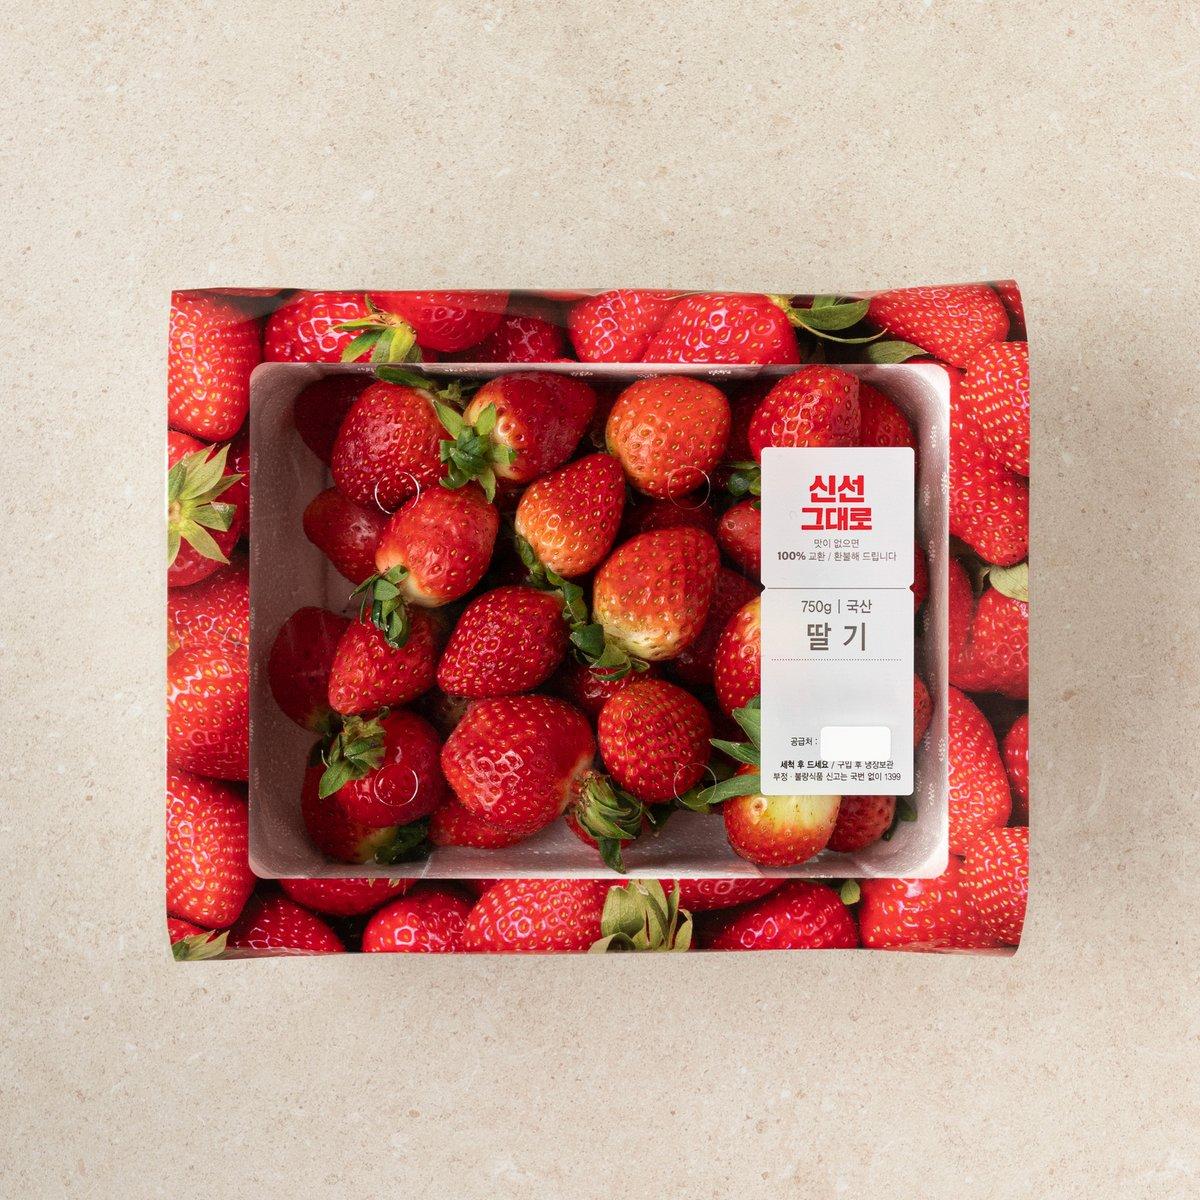 [국내산] 2단딸기 750g/팩